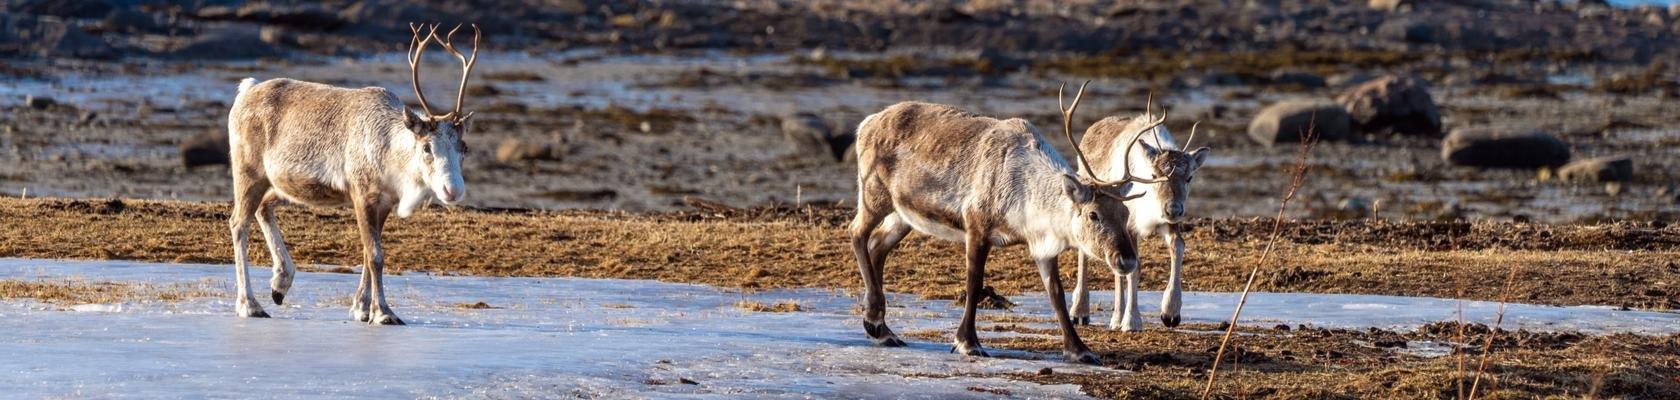 Rendieren in noordelijk Scandinavië